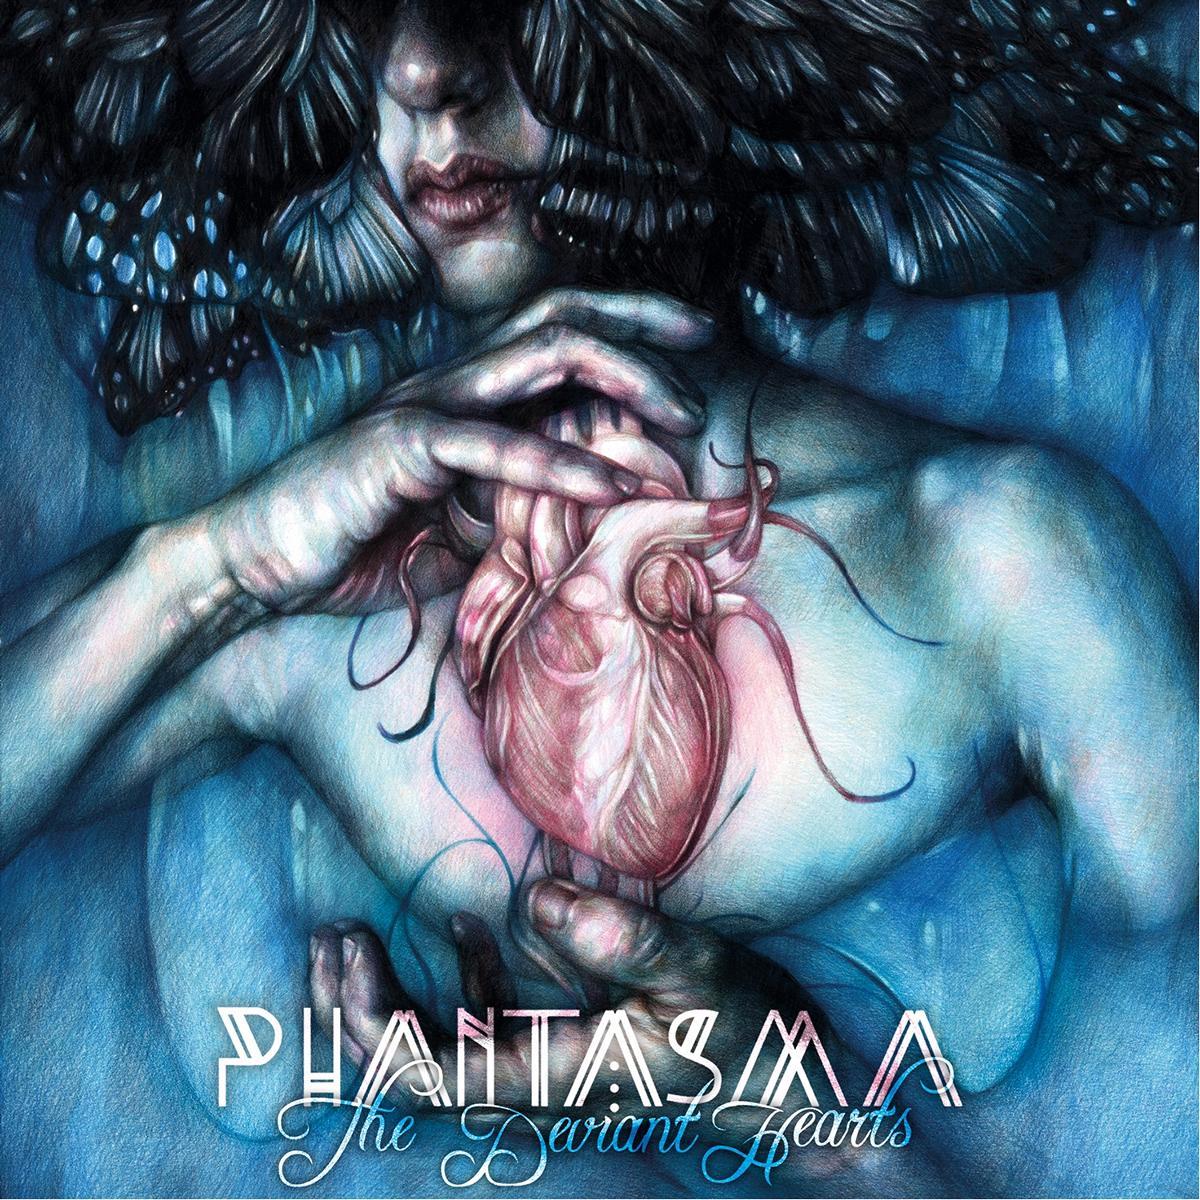 K1600_630_Phantasma_RGB